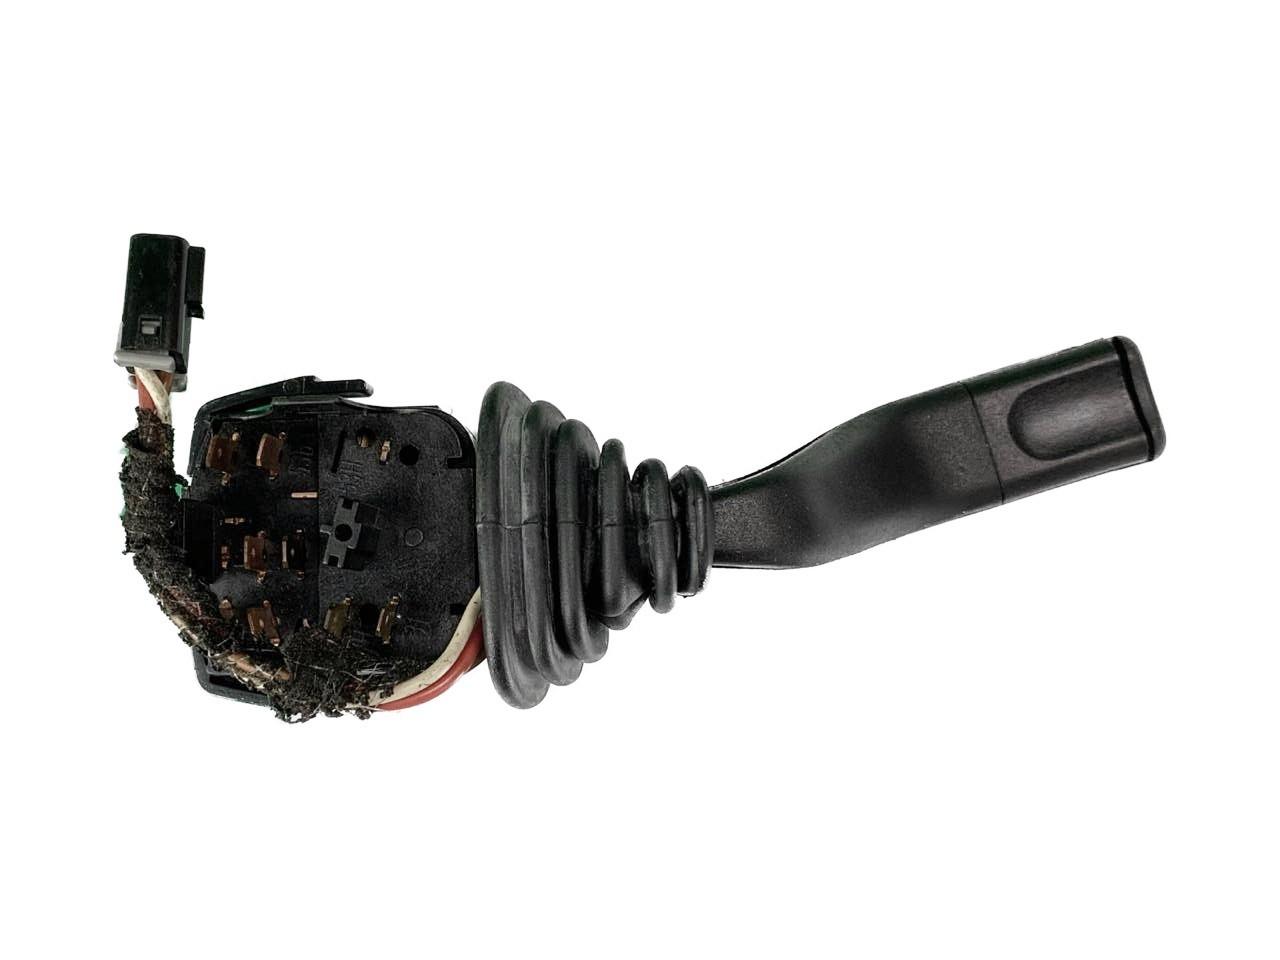 Interruptor Braço Haste Alavanca Chave De Limpador 8 Pinos Com Botão de Computador de Bordo Gm Montana 011 012 013